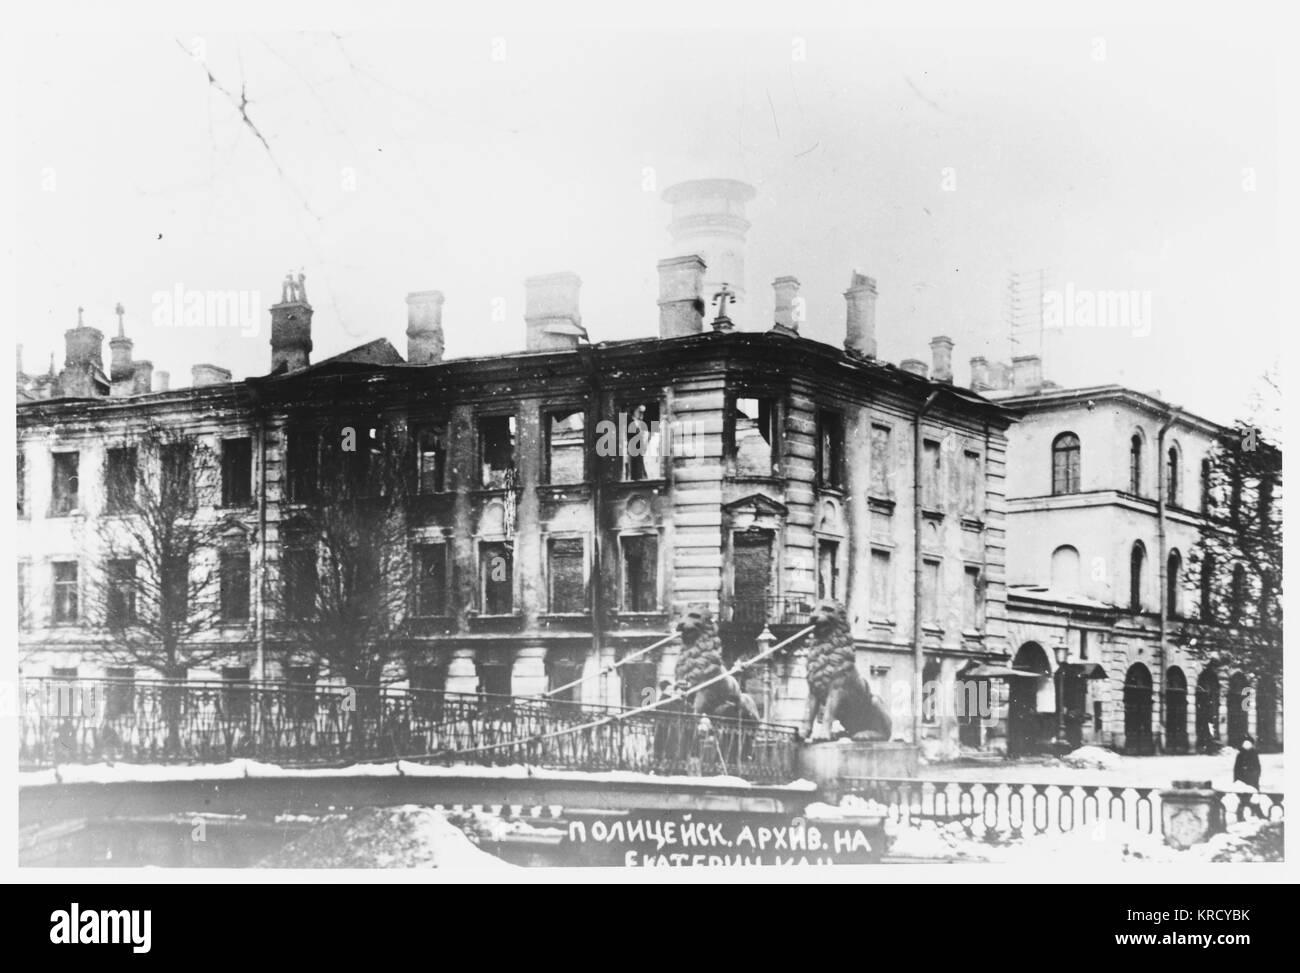 Die Polizei Archiv in Petrograd ist von Aufständischen, die die Datensätze zerstören und Feuer das Stockbild